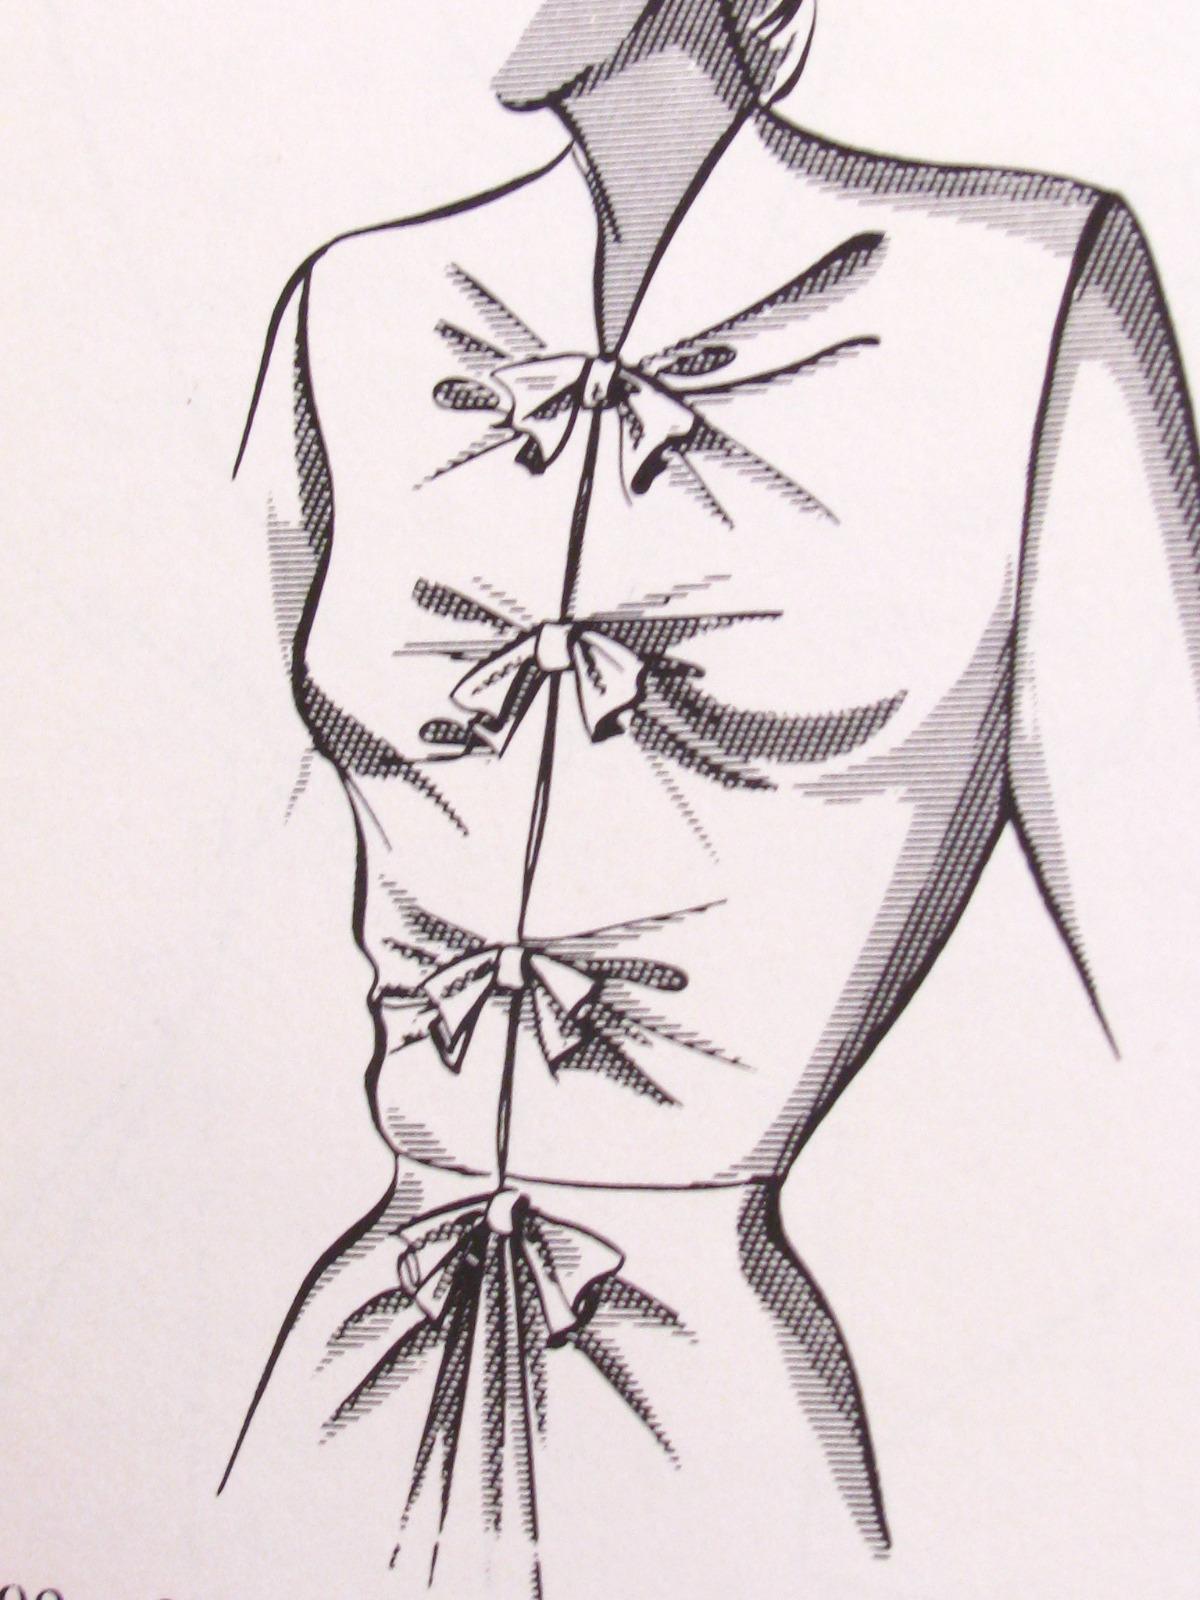 1940s Dress Design Book Draping Flat Pattern Making